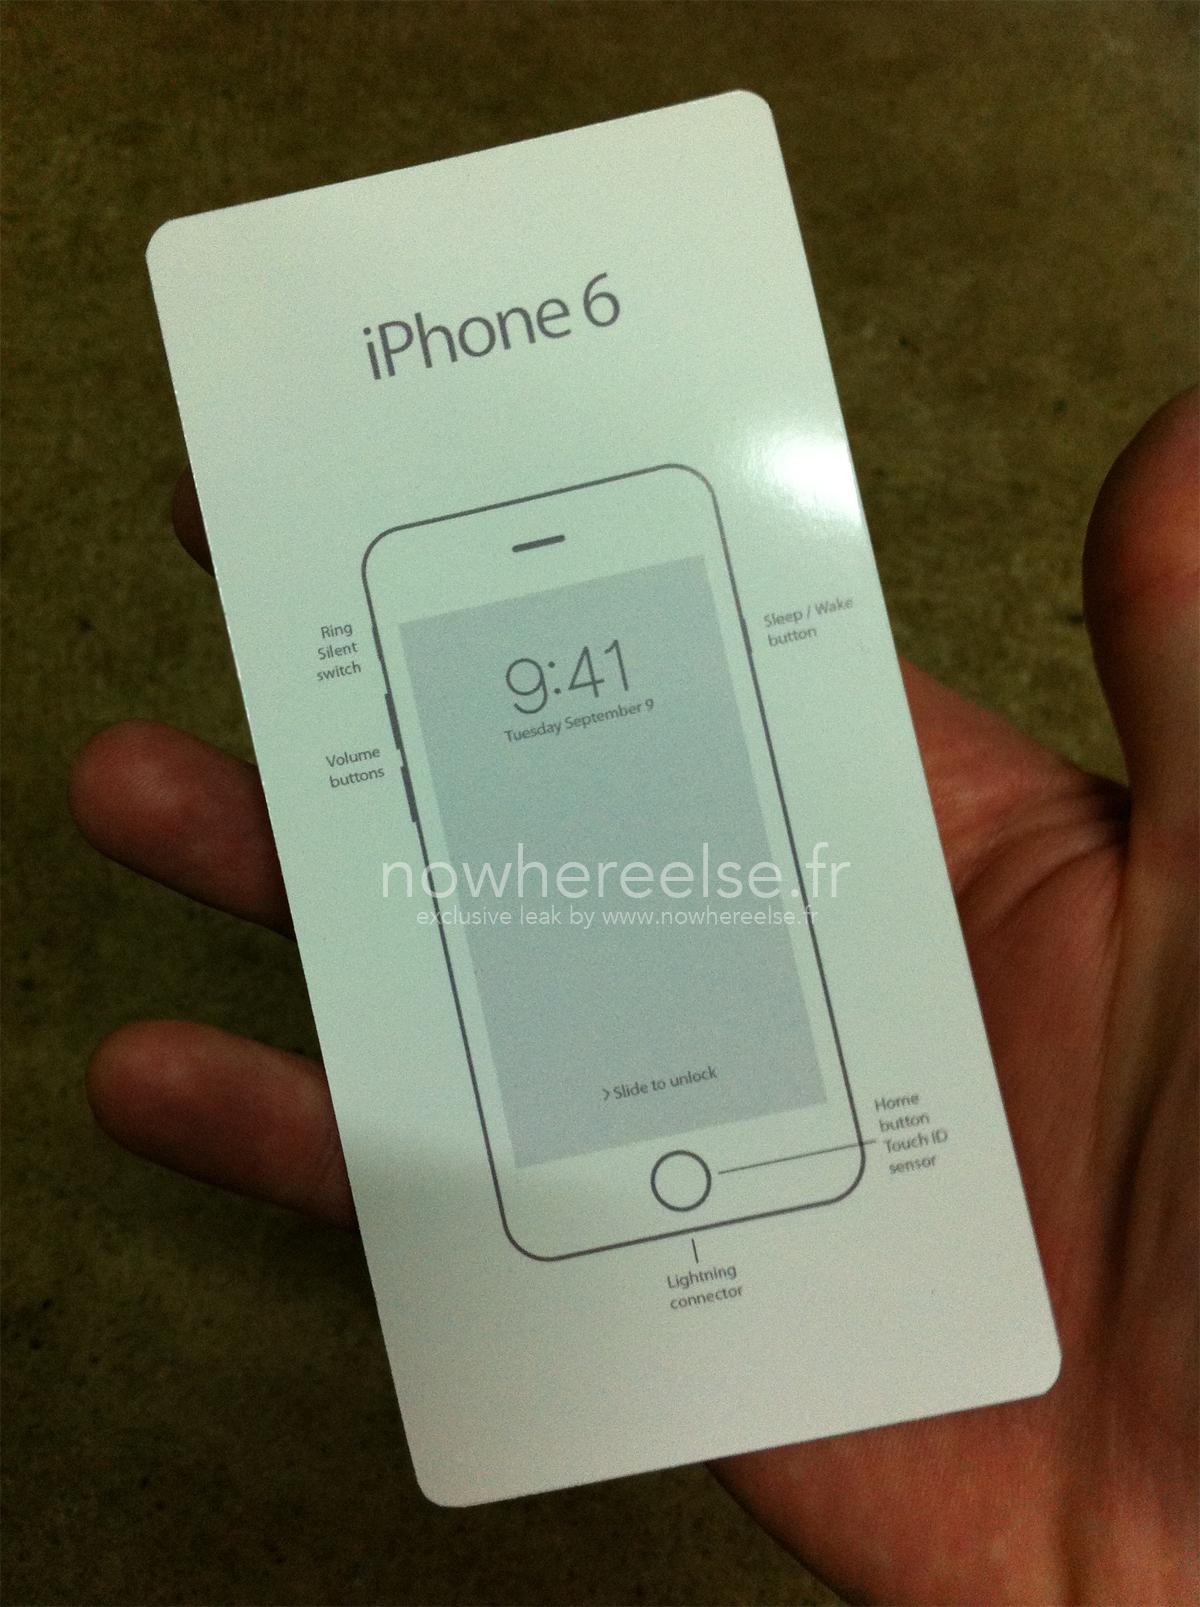 Date Sortie iPhone 6 Manuel Utilisation 2 Voici le supposé manuel de l'iPhone 6 avec sa date de lancement dessus